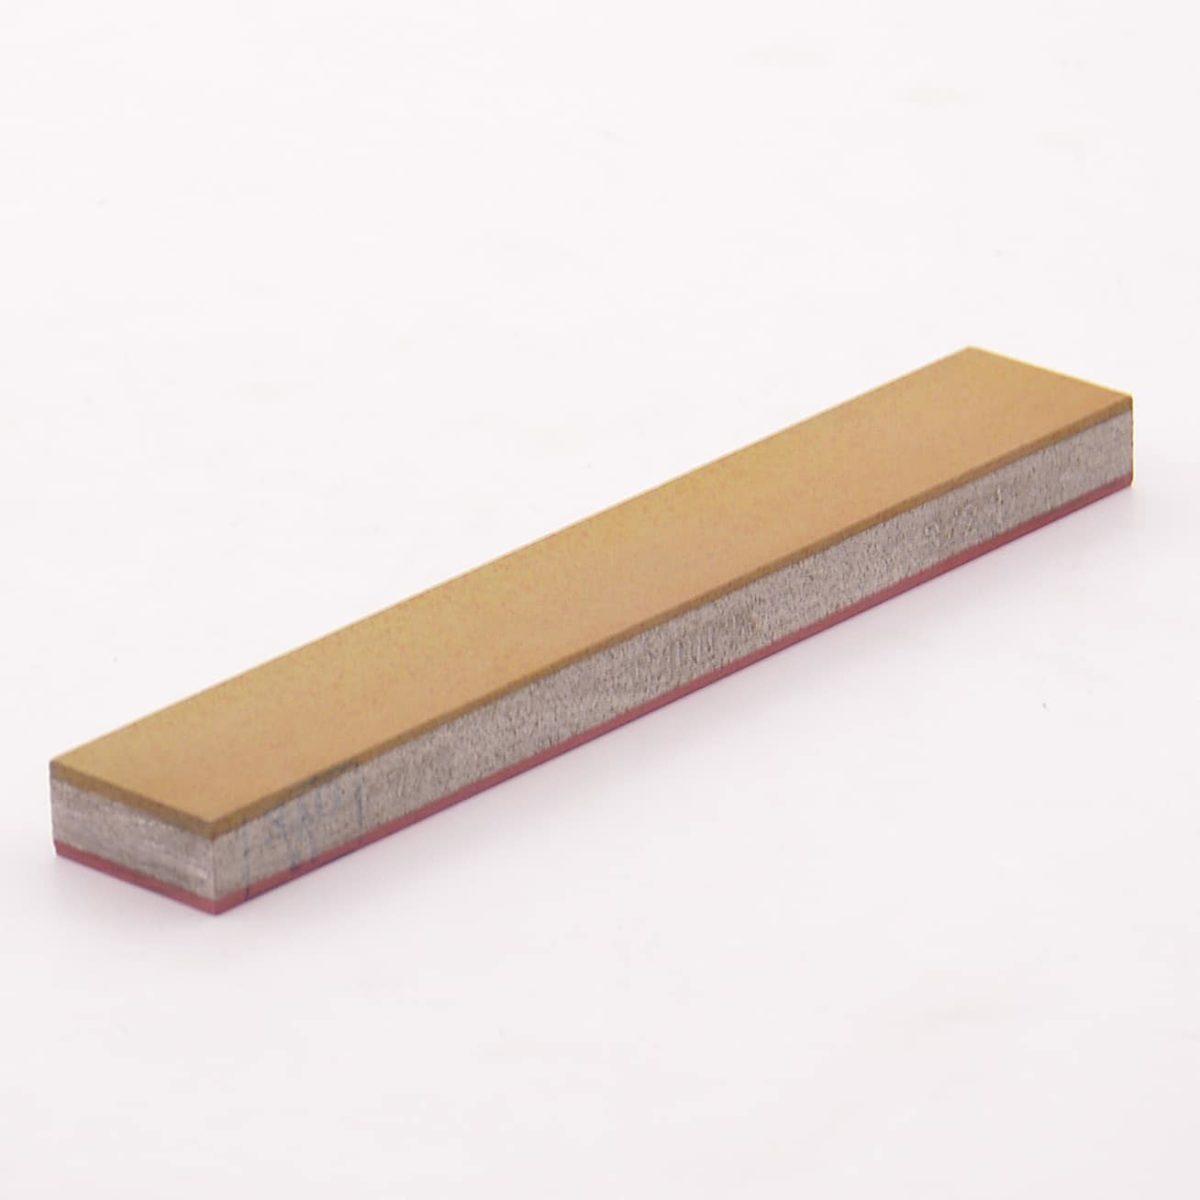 Алмазный 2-х сторонний брусок VID 7/5-3/2 OSB С100%, 25мм 2